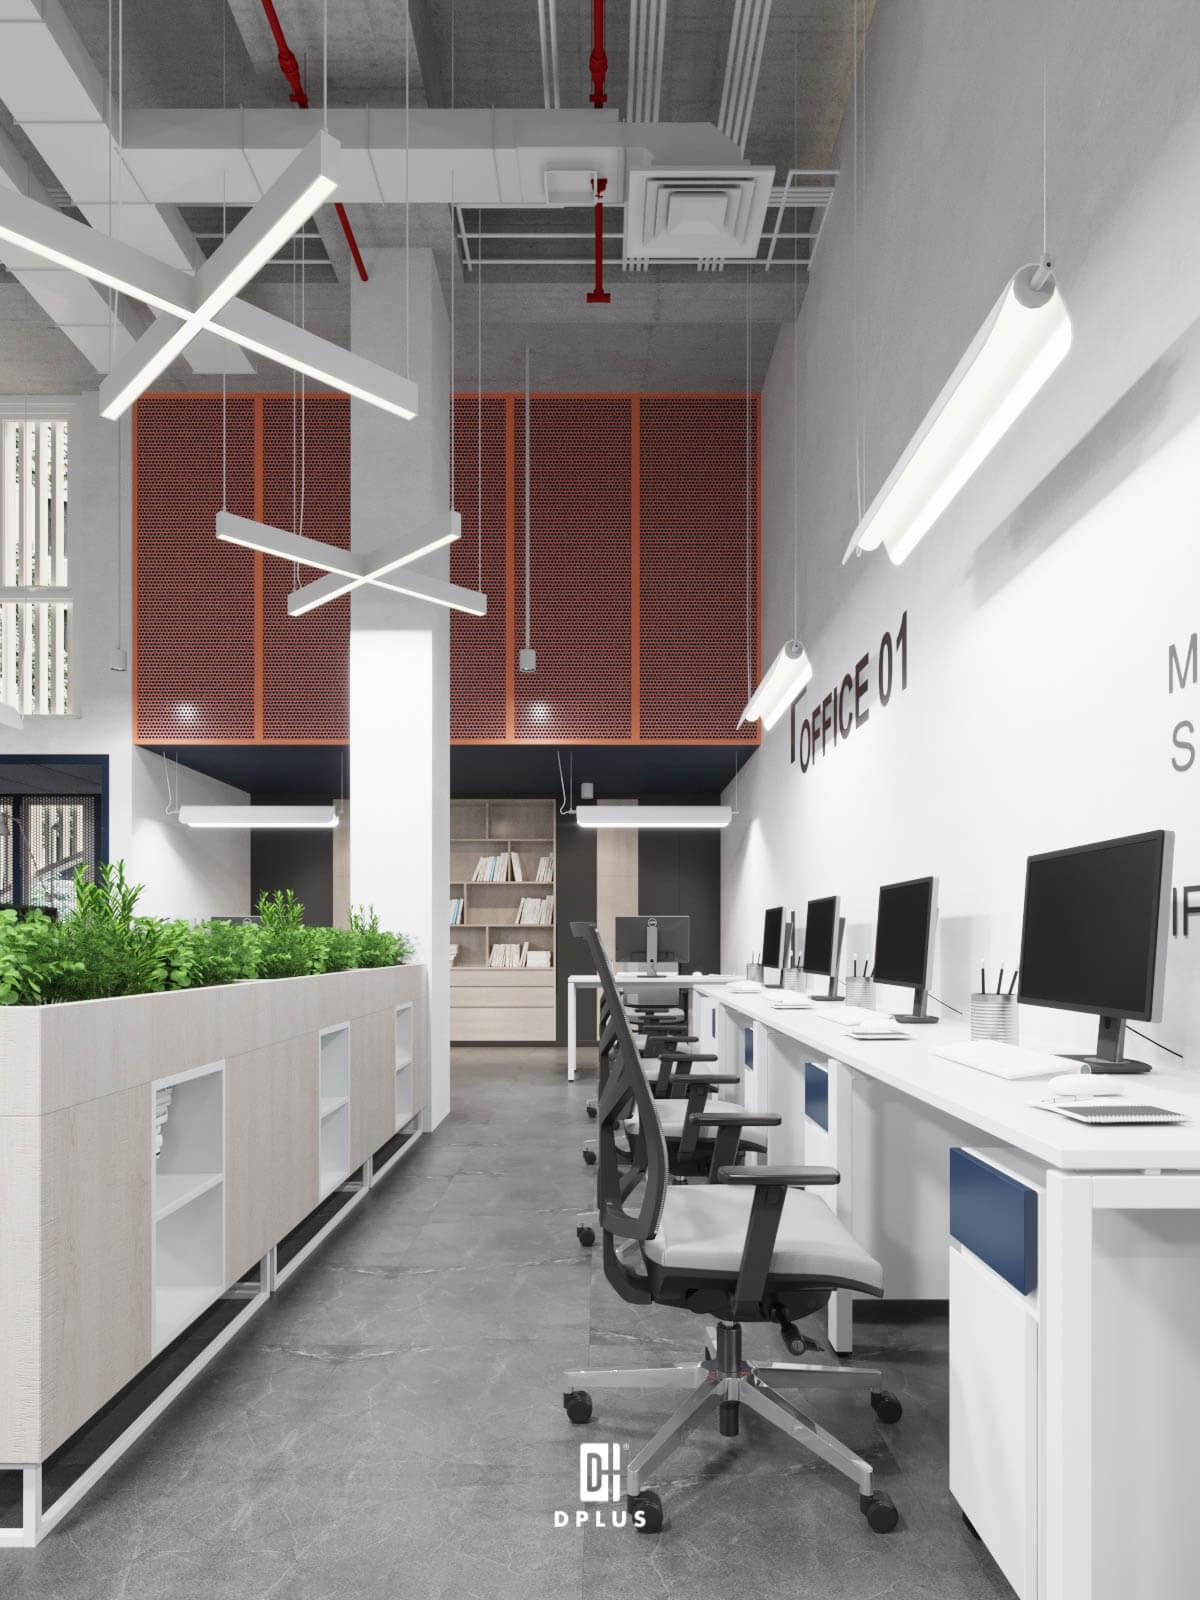 Ứng dụng phong cách industrial trong thiết kế văn phòng